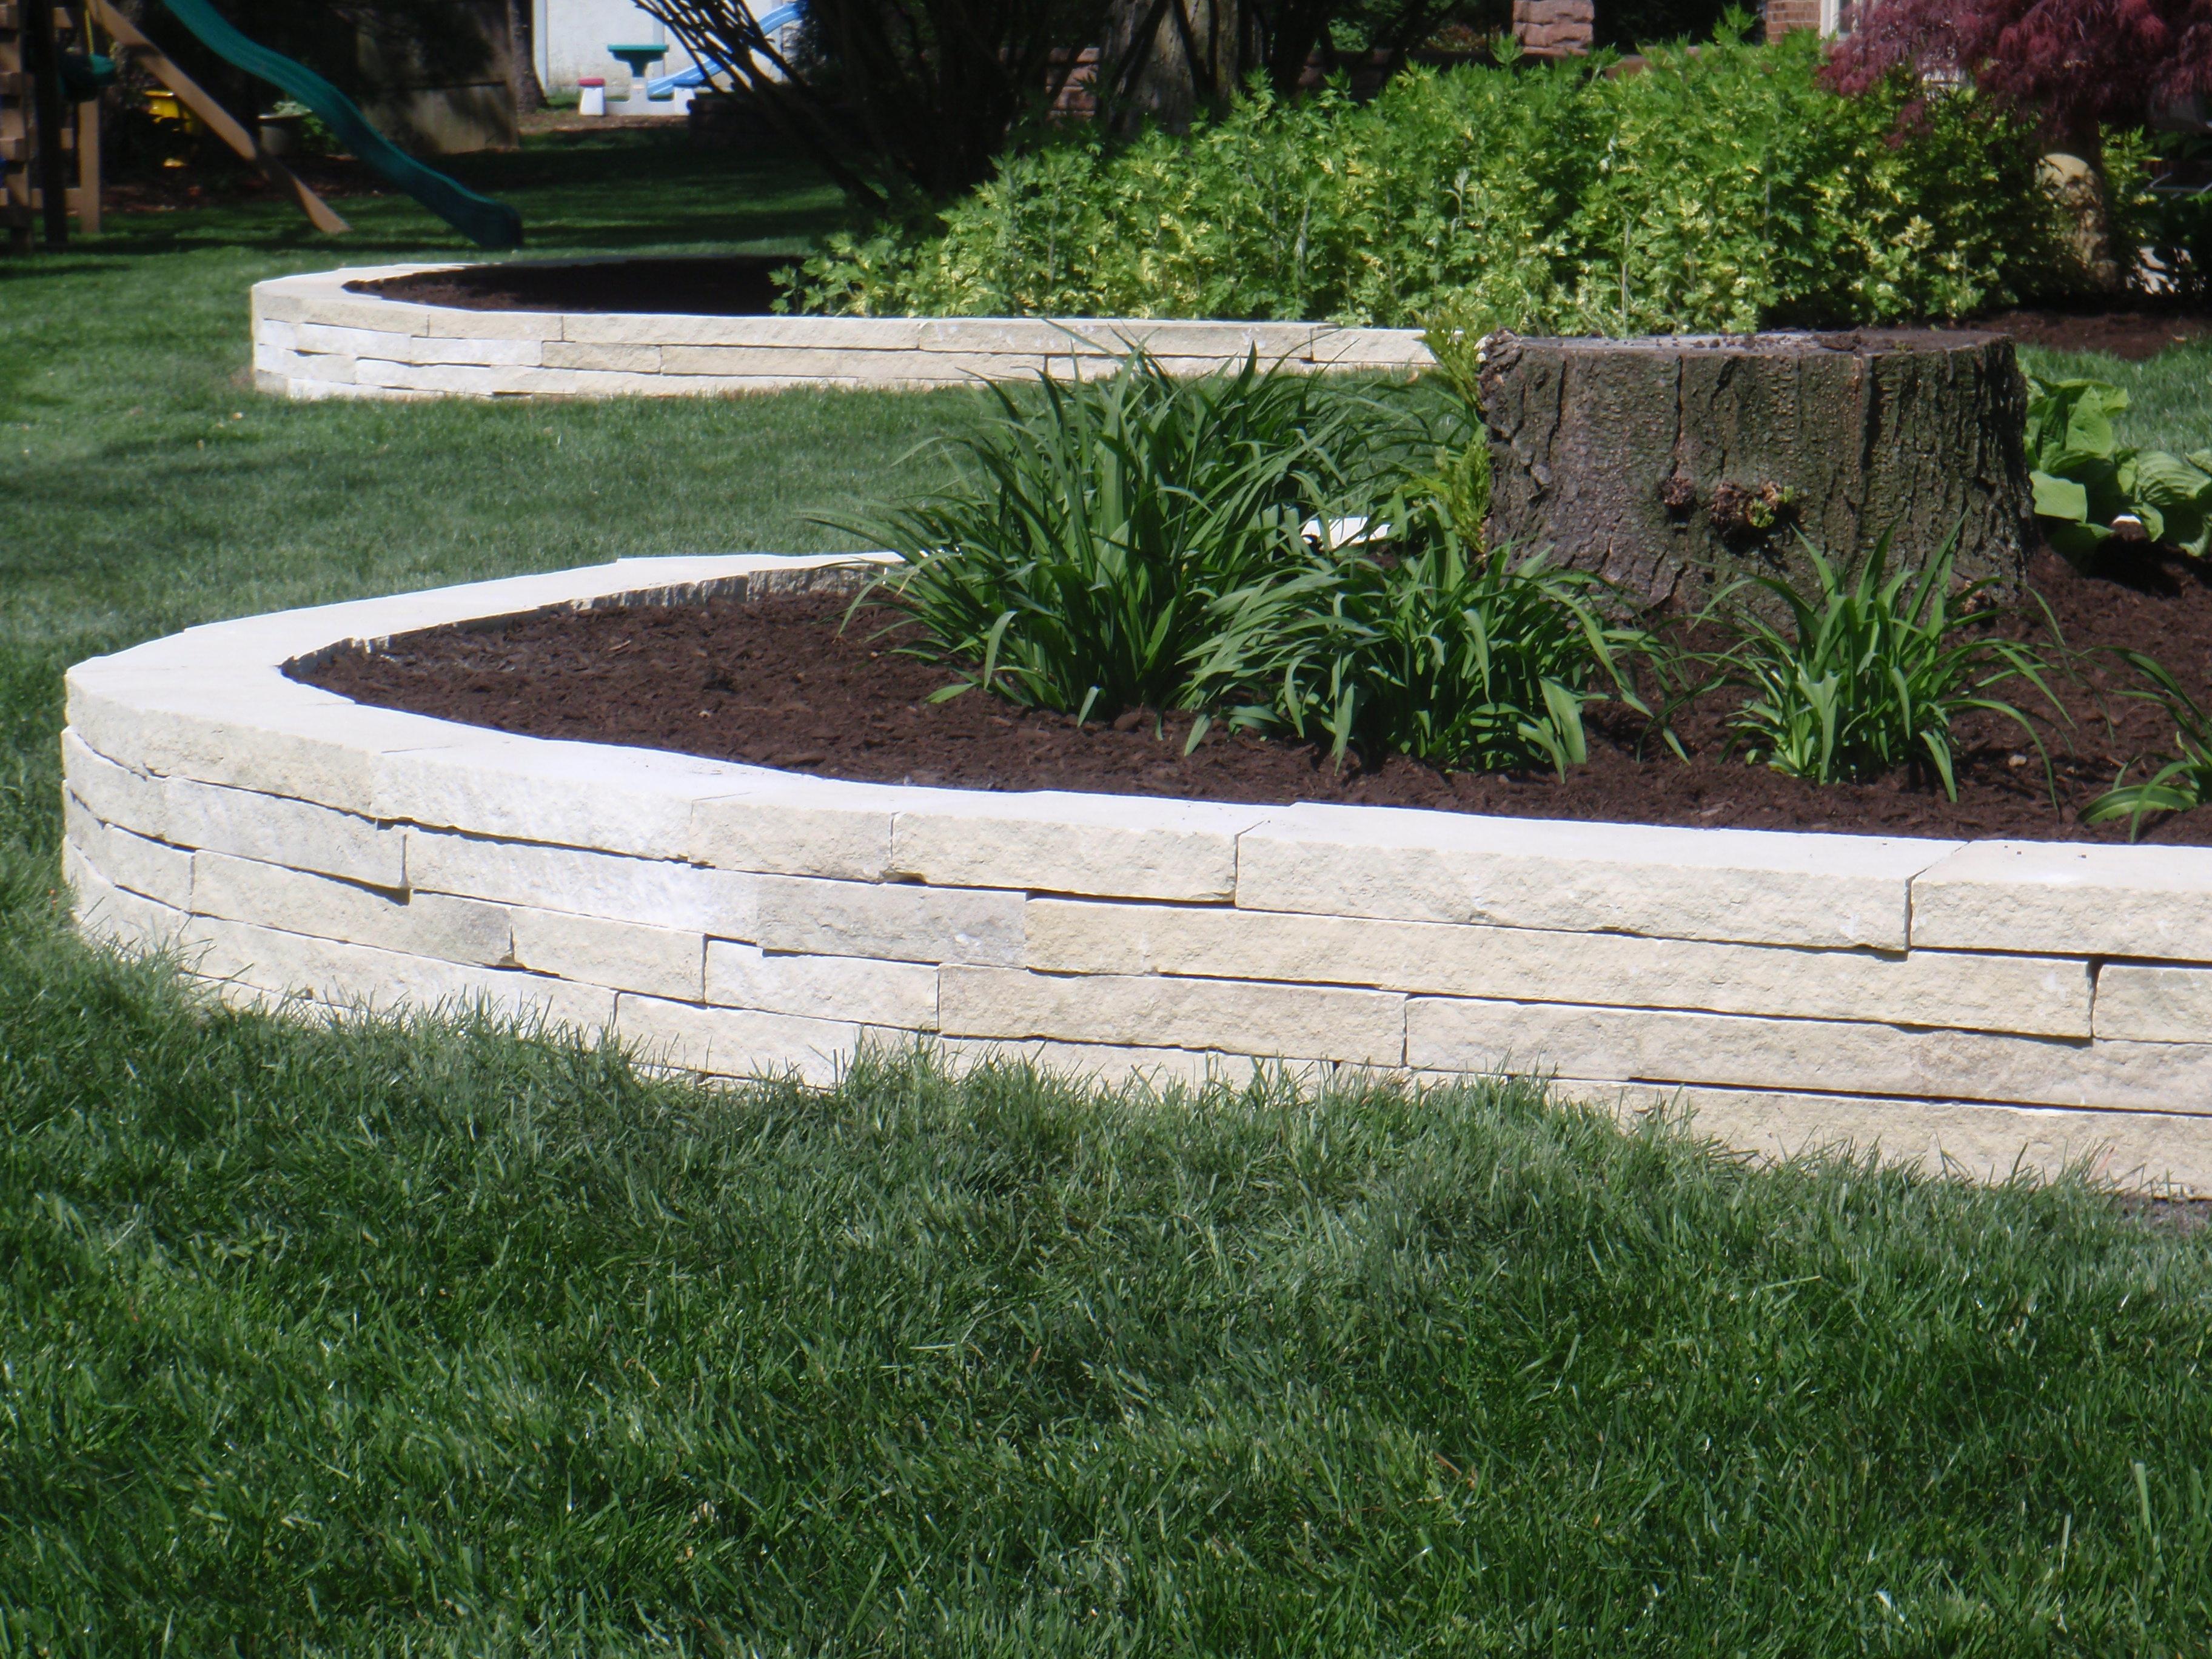 S n g design inc landscape contractor for Landscape design contractors